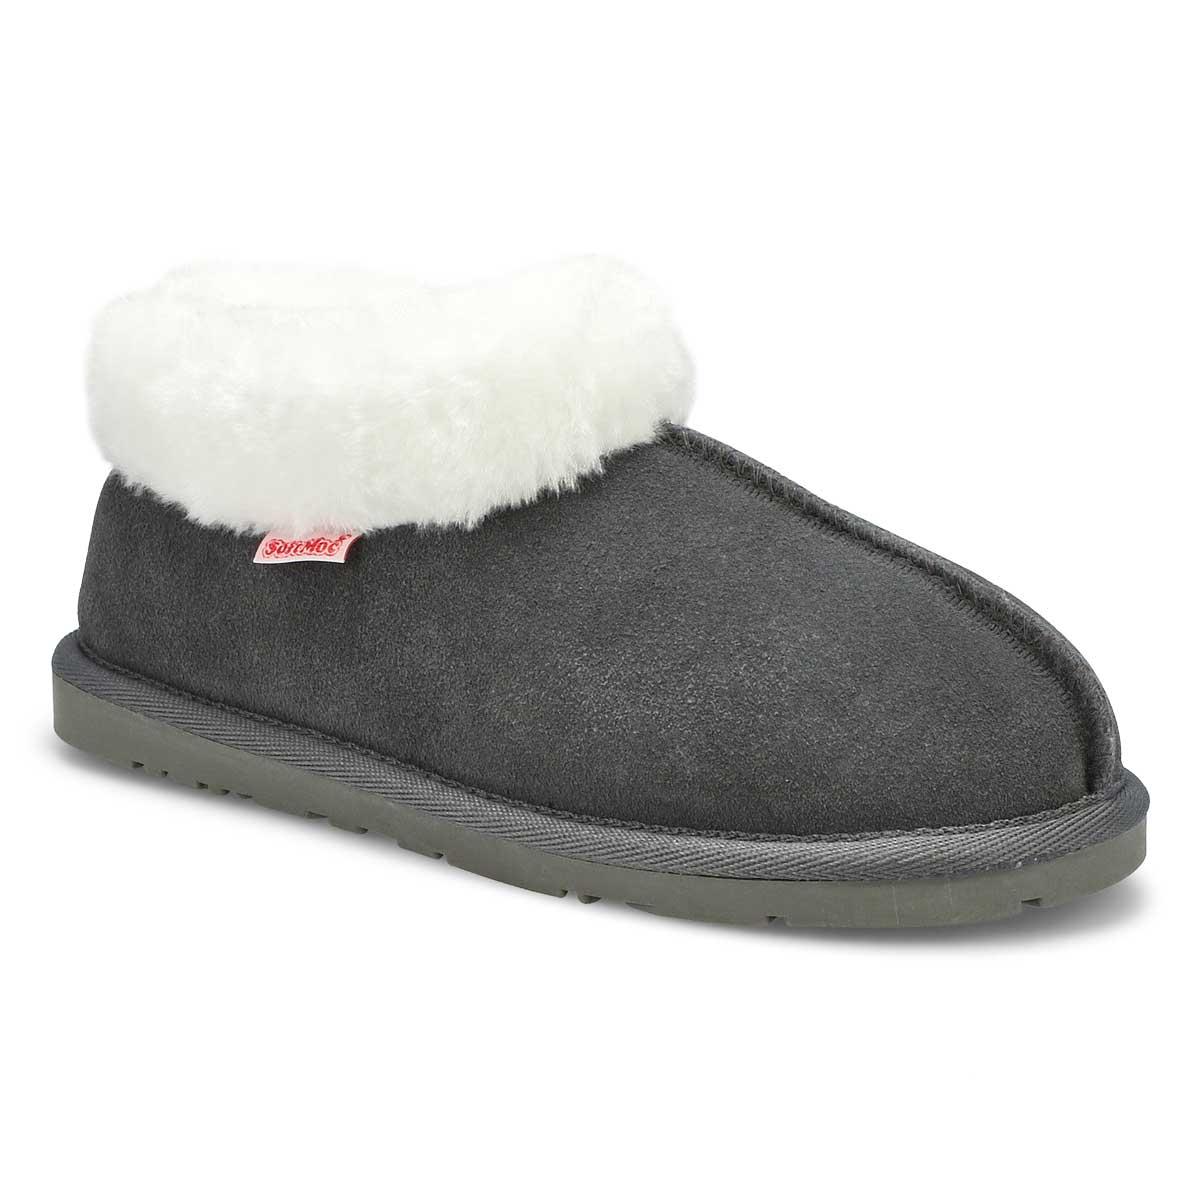 Lds Savanna grey suede bootie